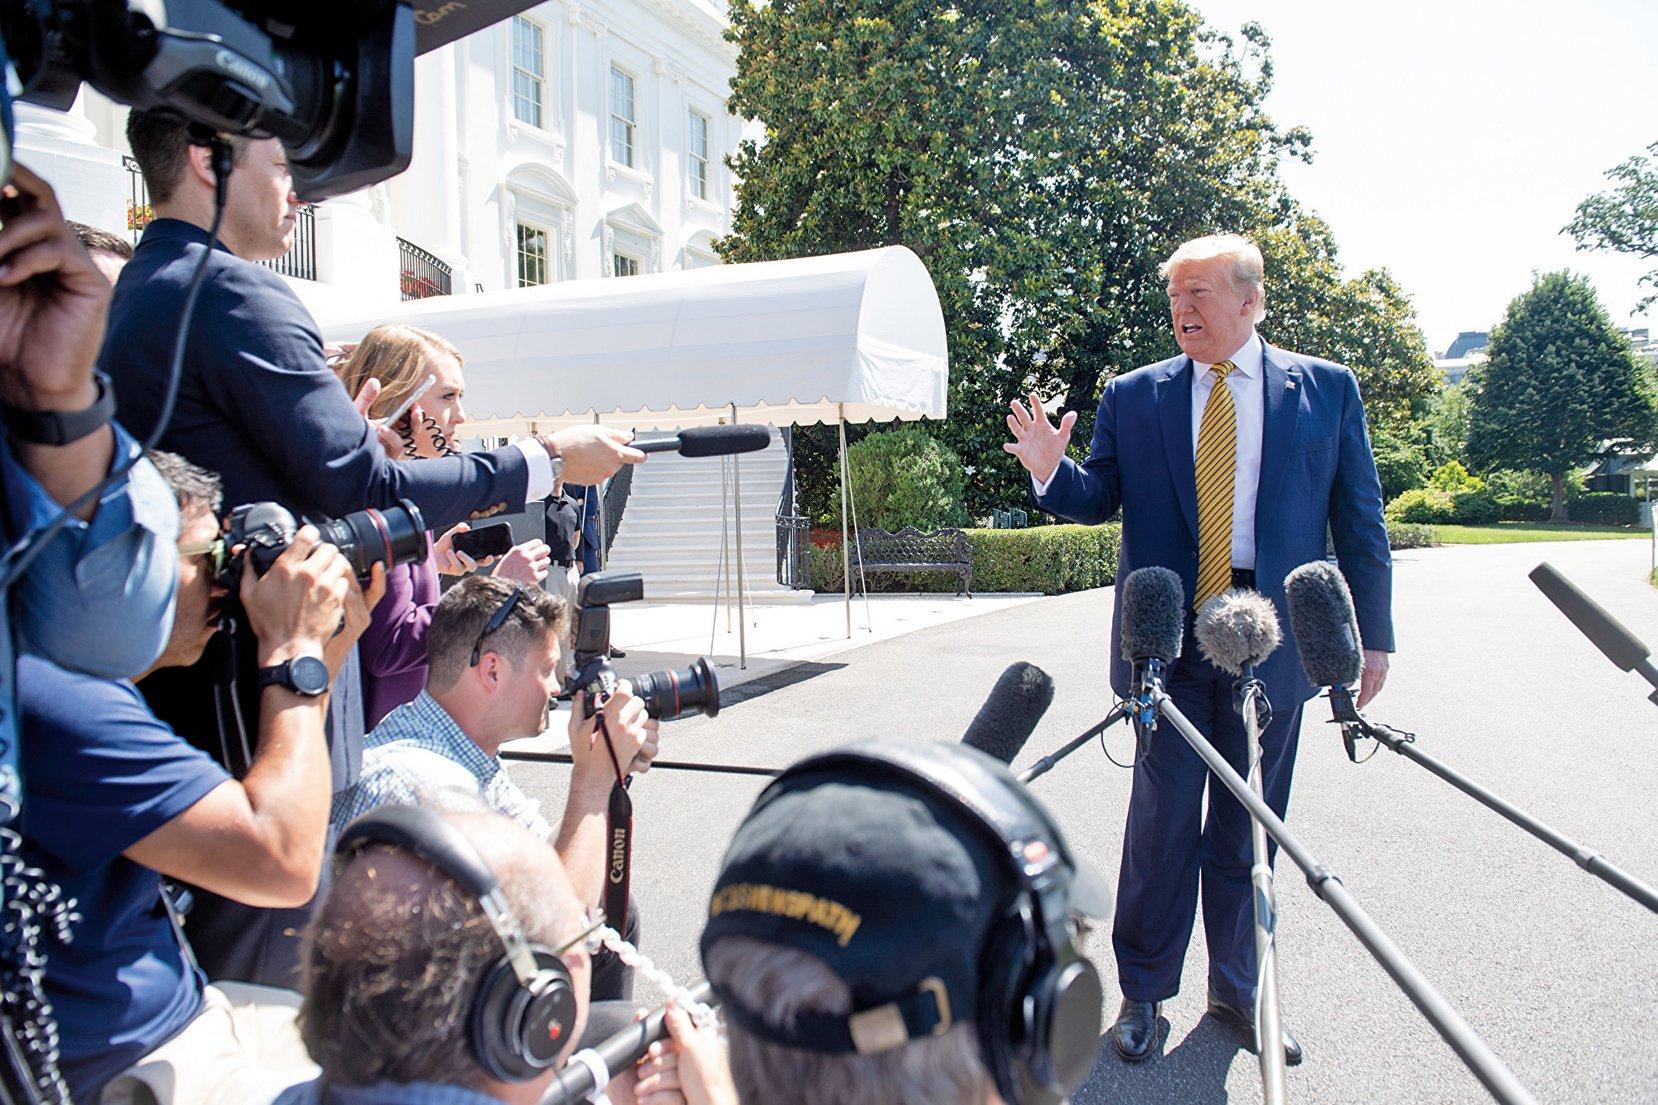 美國總統特朗普上周六(6月22日)表示,美國政府正在針對伊朗推出進一步制裁,他本周末將在大衛營討論伊朗局勢。(AFP)